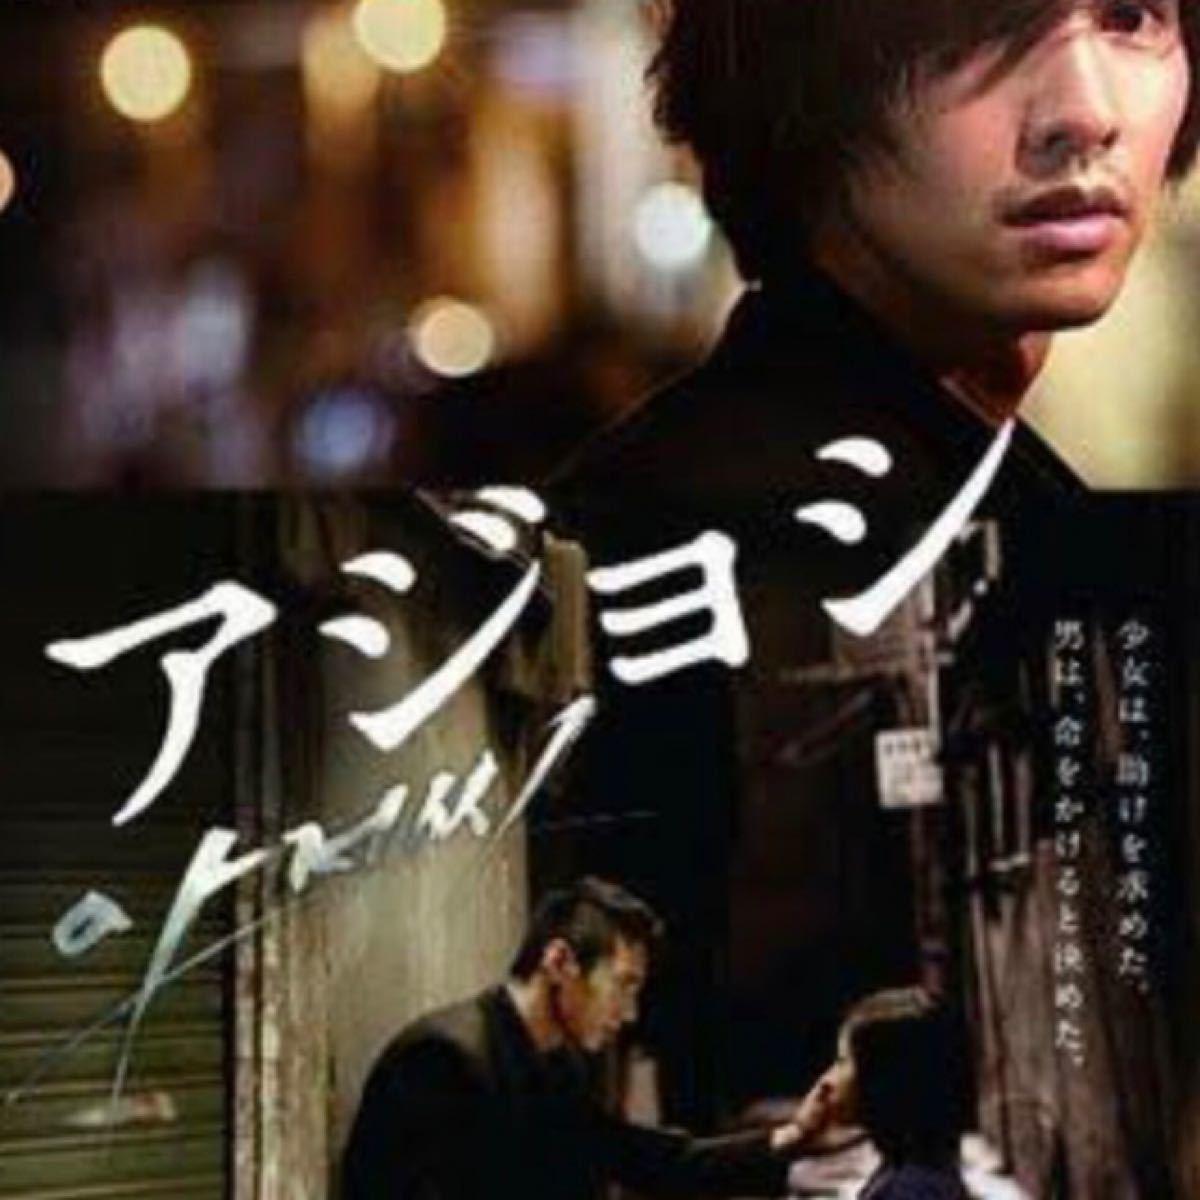 韓国映画  アジョシ  ウォンビン  キム・セロン  DVD  日本語吹替有り  レーベル有り